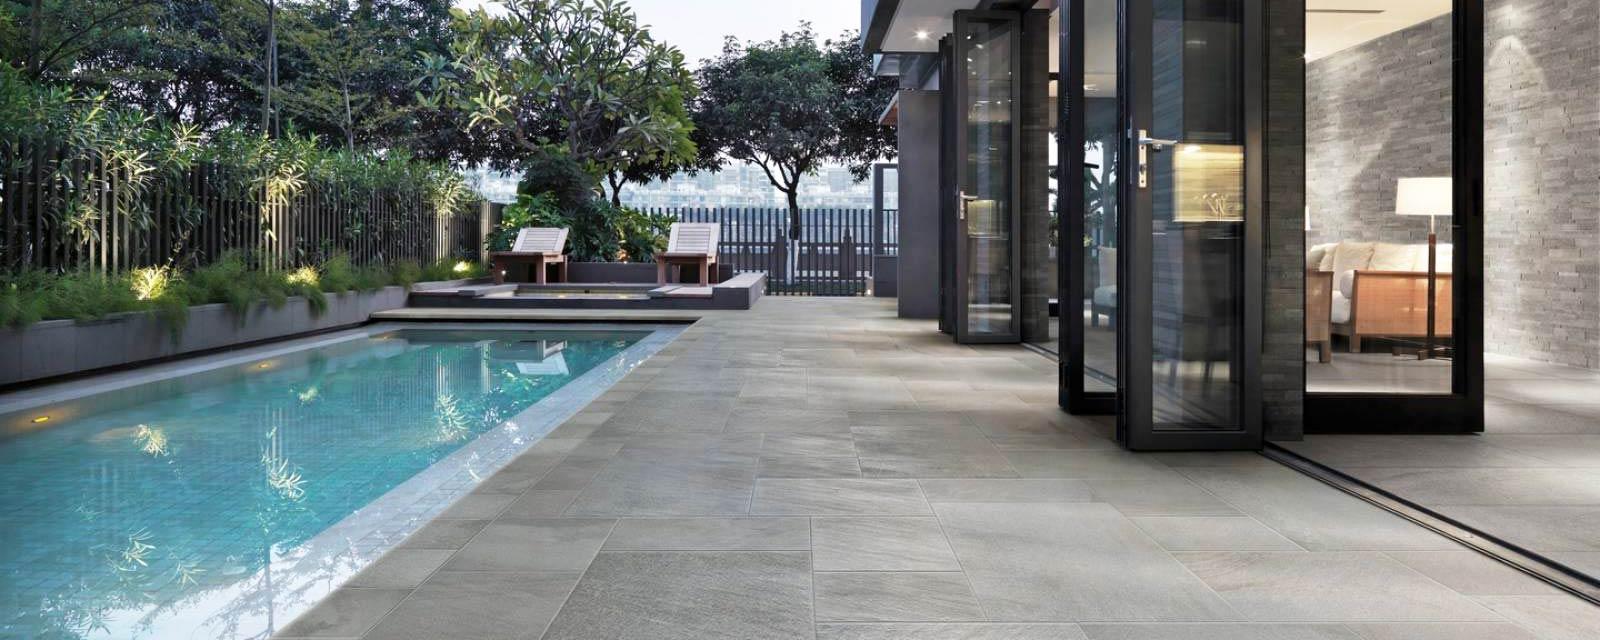 Bois Pour Terrasse Extérieure le carrelage extérieur pour votre terrasse | guide artisan